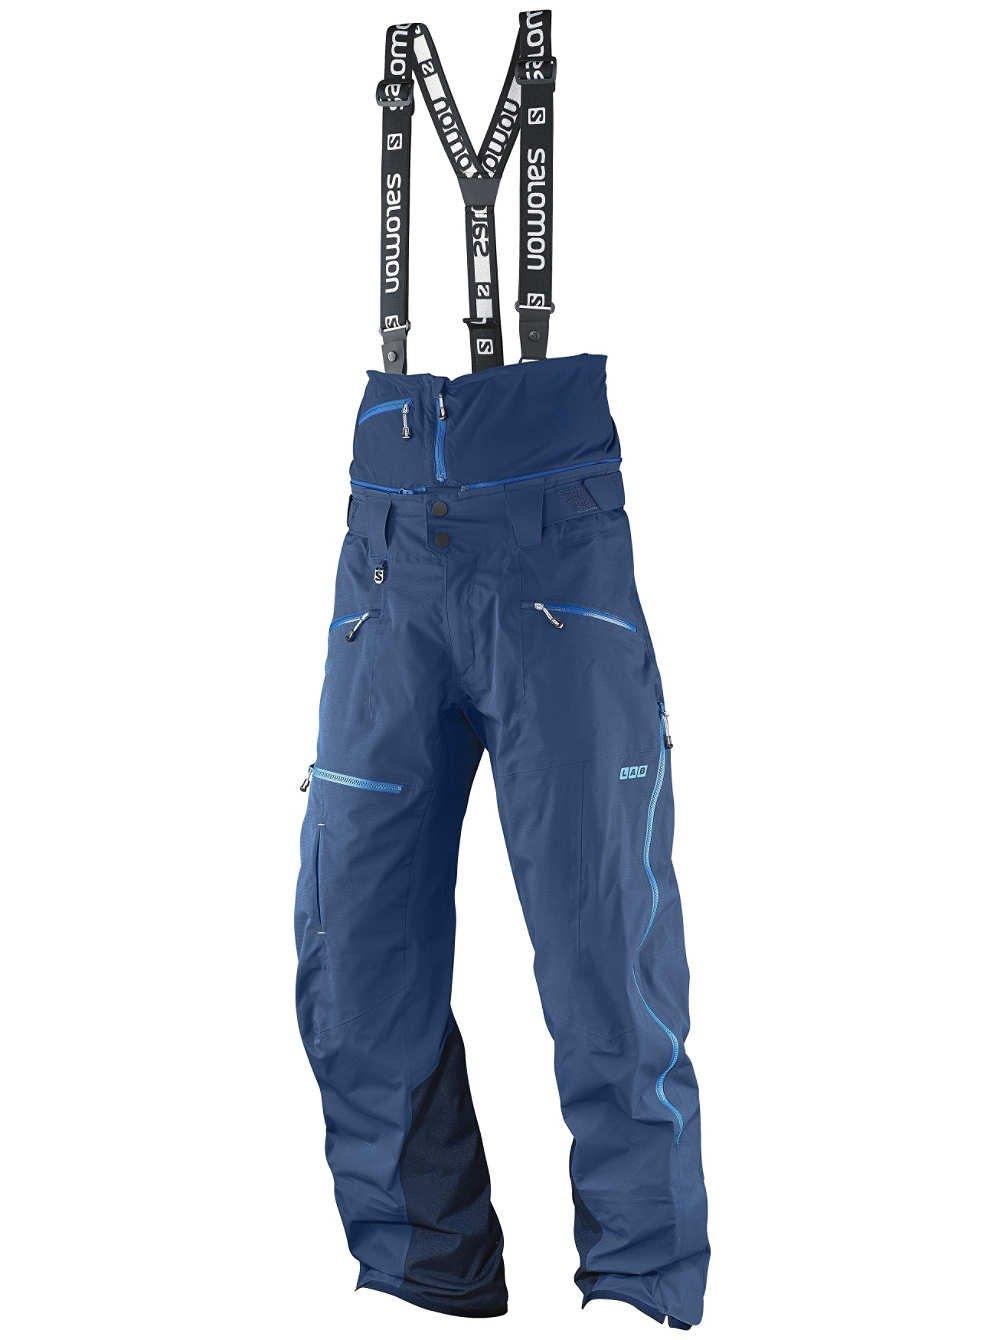 Herren Snowboard Hose Salomon Soulquest Bc 3L Pants